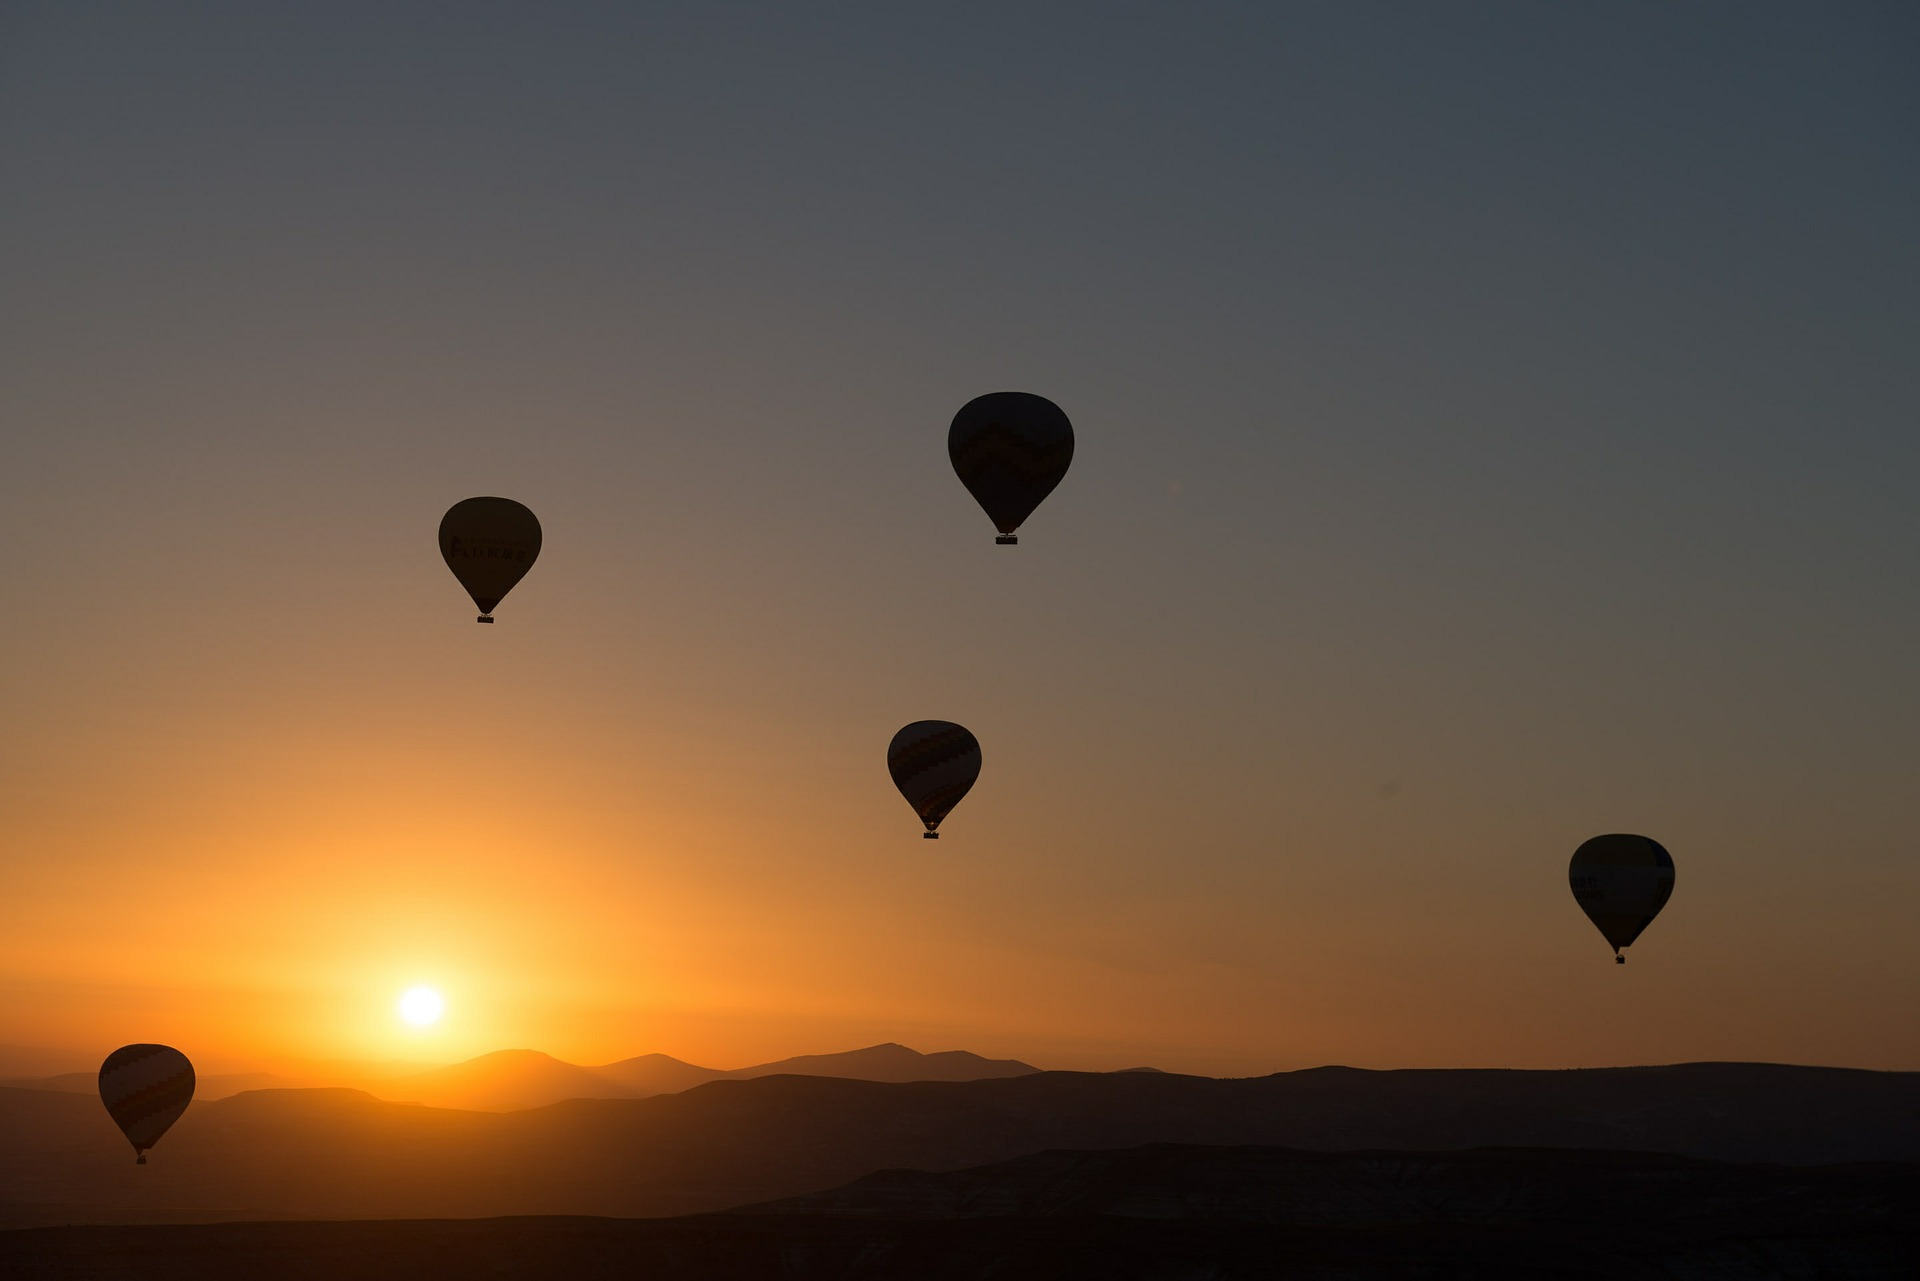 hot-air-ballooning-436442_1920